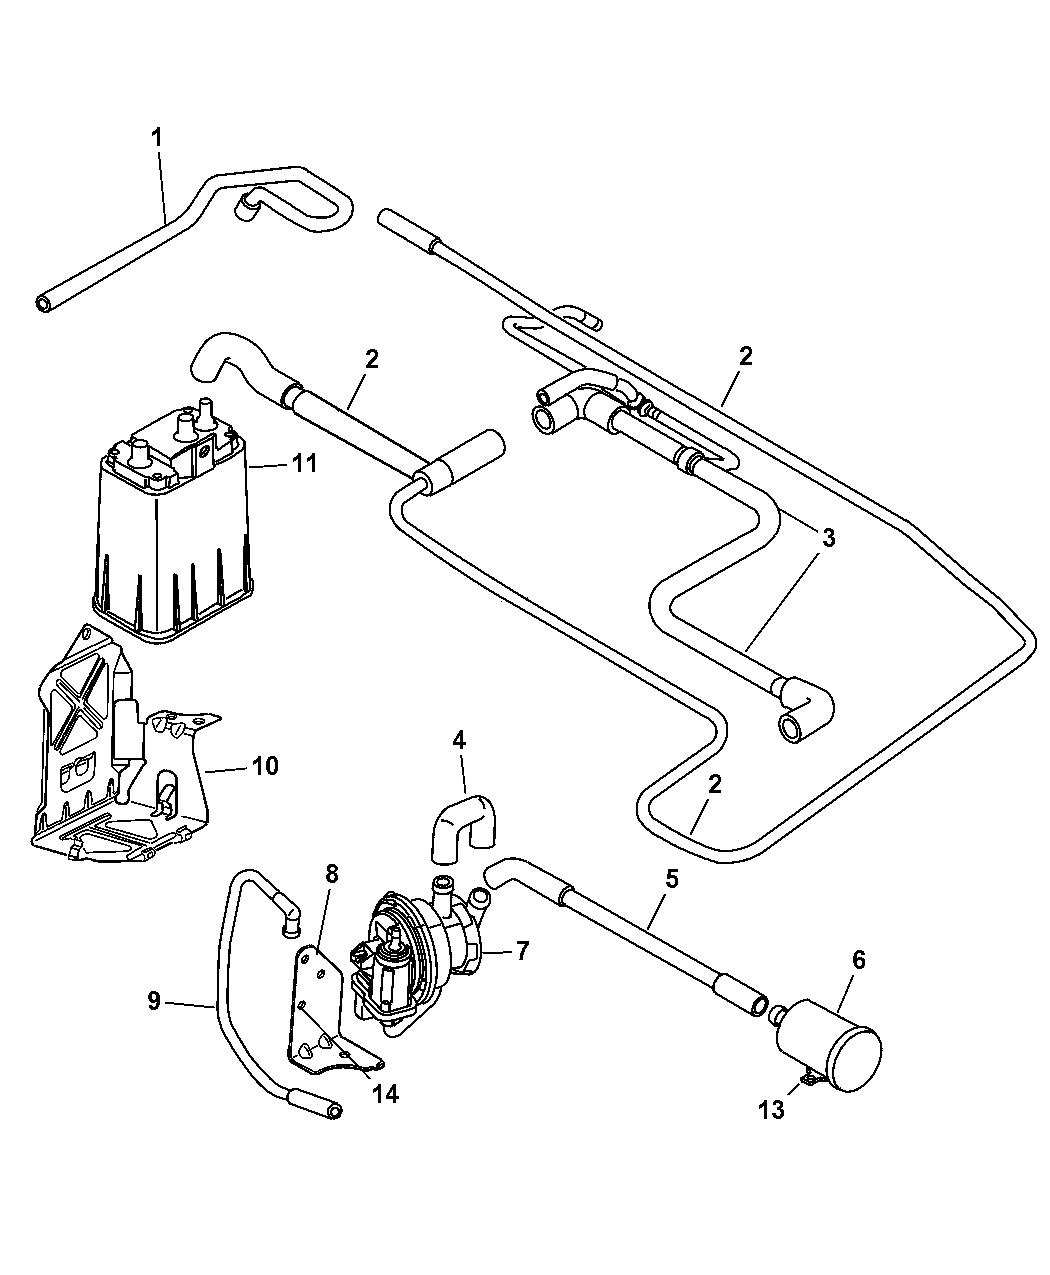 2001 chrysler pt cruiser vapor canister \u0026 leak detection pump PT Cruiser Wheels Diagram